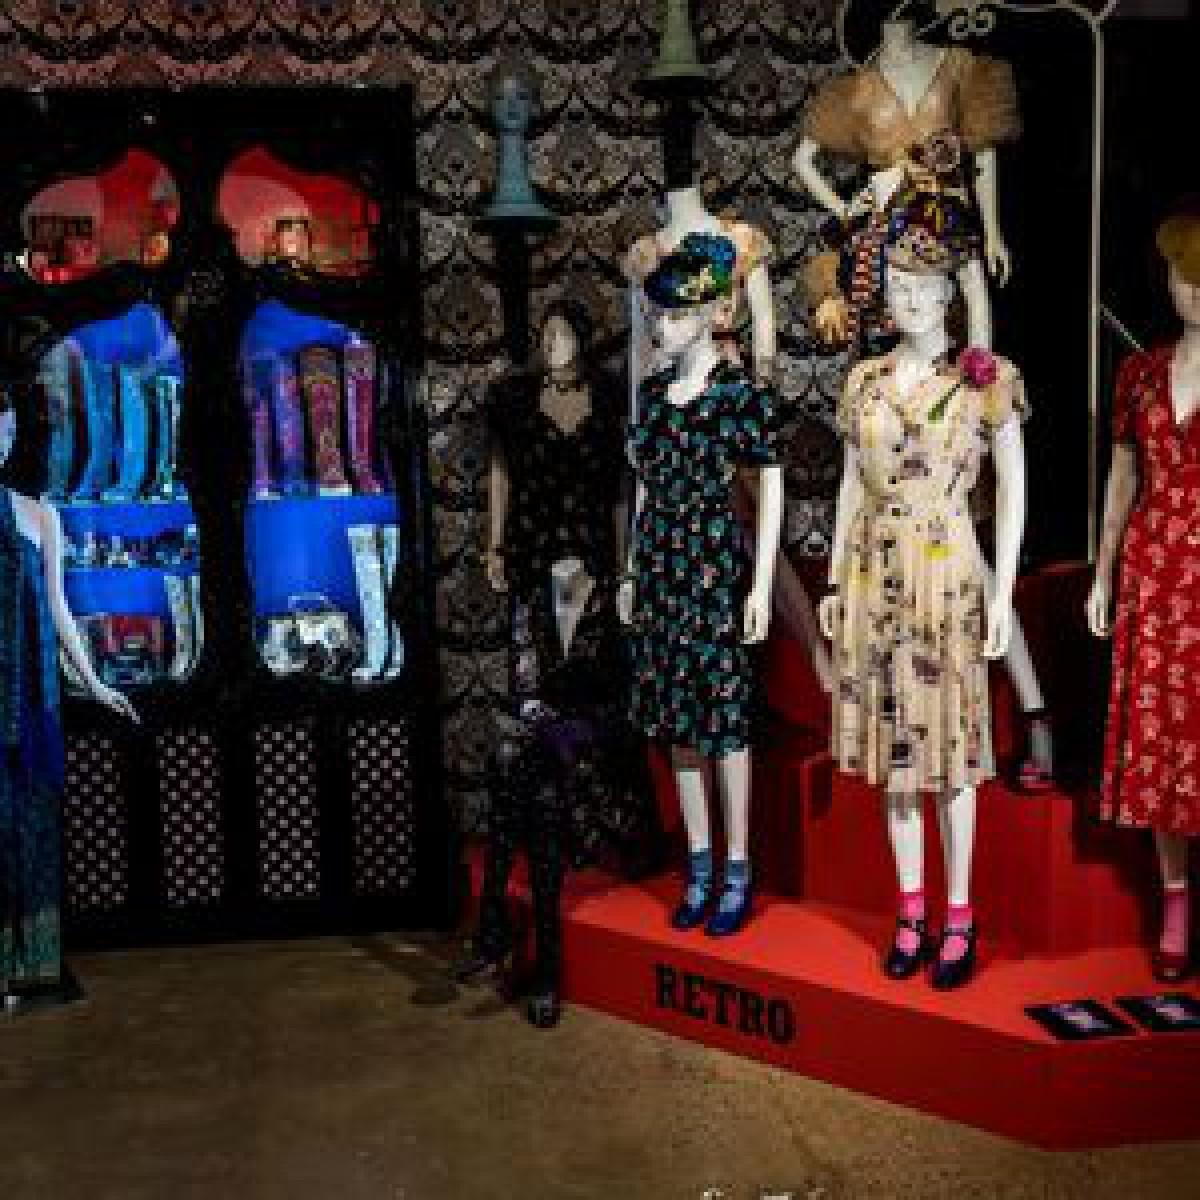 「アナ スイ コスメティックス」20年の軌跡を辿る巡回展開催、デビュー当初のコスメなどを展示